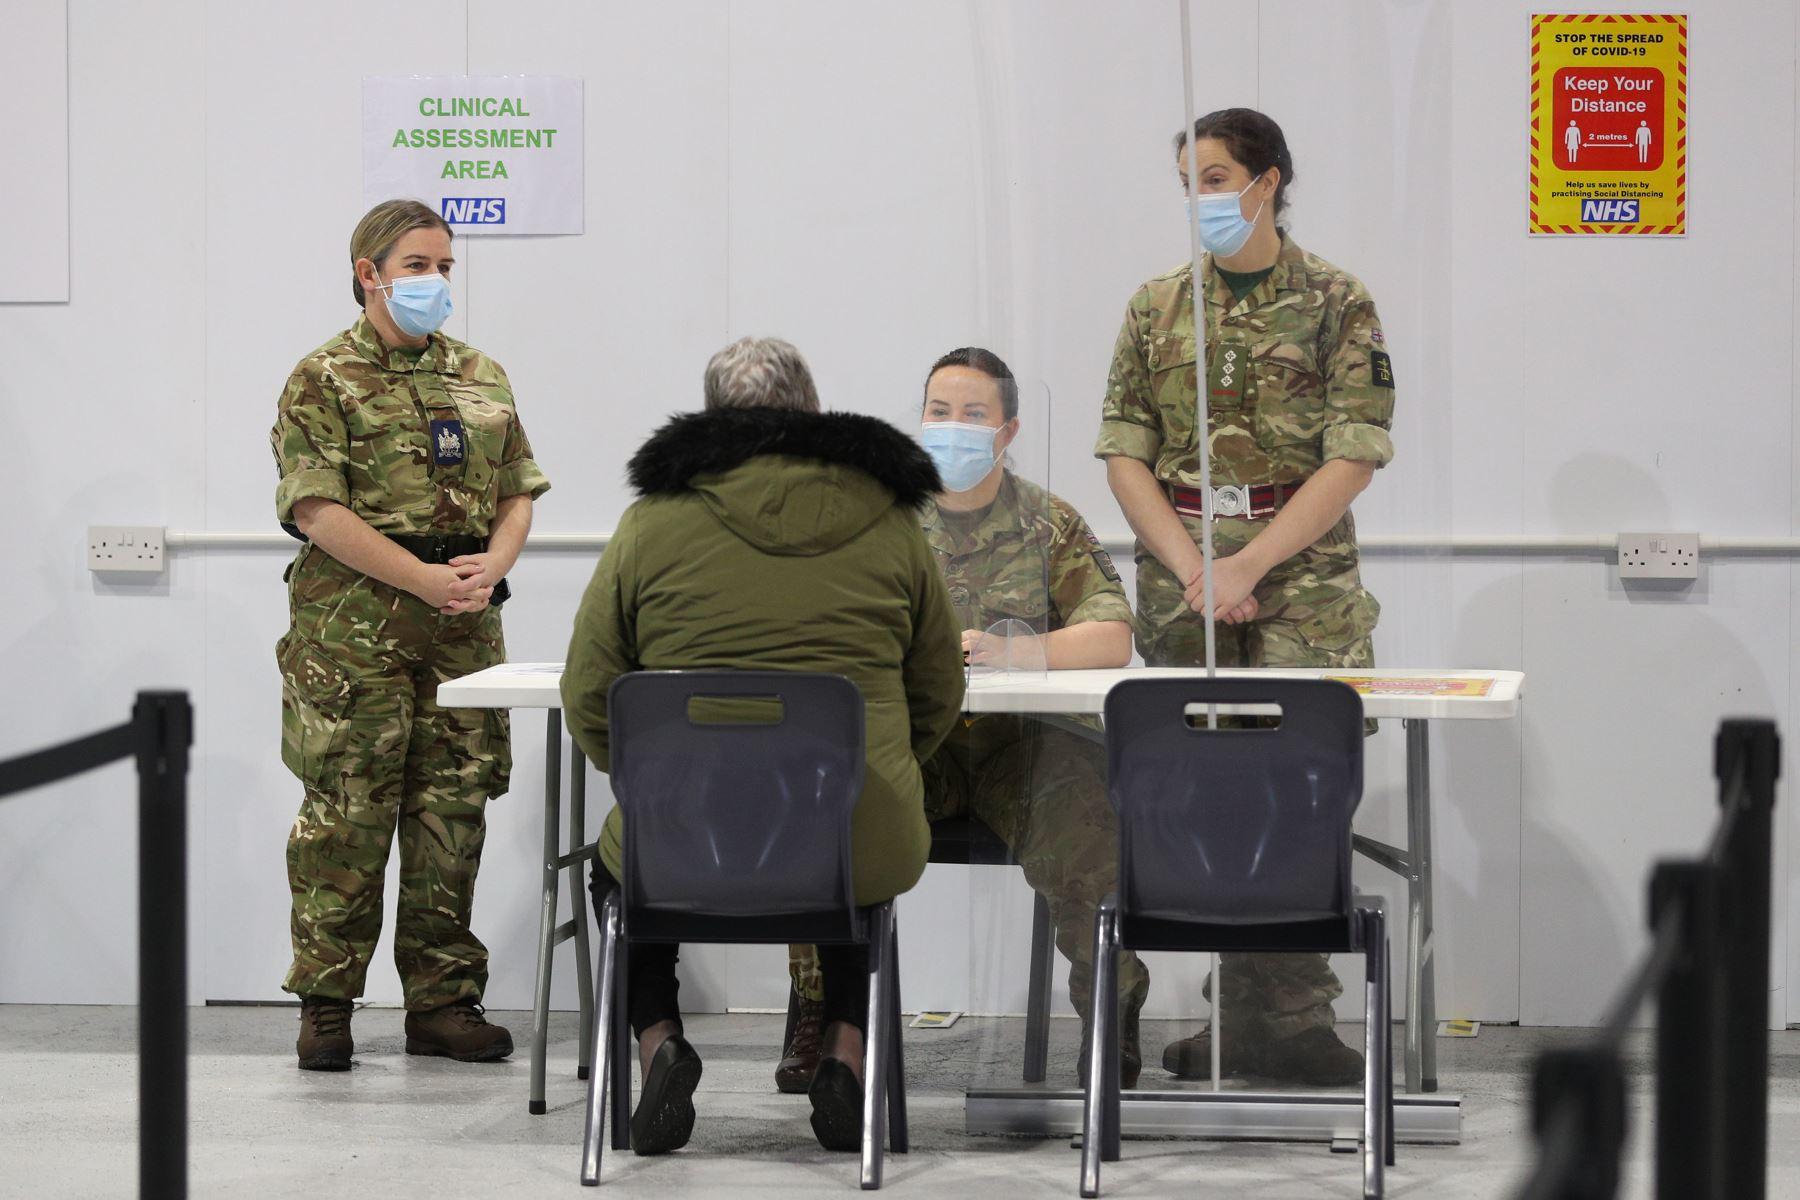 El personal militar habla con Joanne McLaren cuando llega a la clínica en Winter Gardens en Blackpool, que se ha convertido como centro de vacunación de covid-19. Foto: AFP